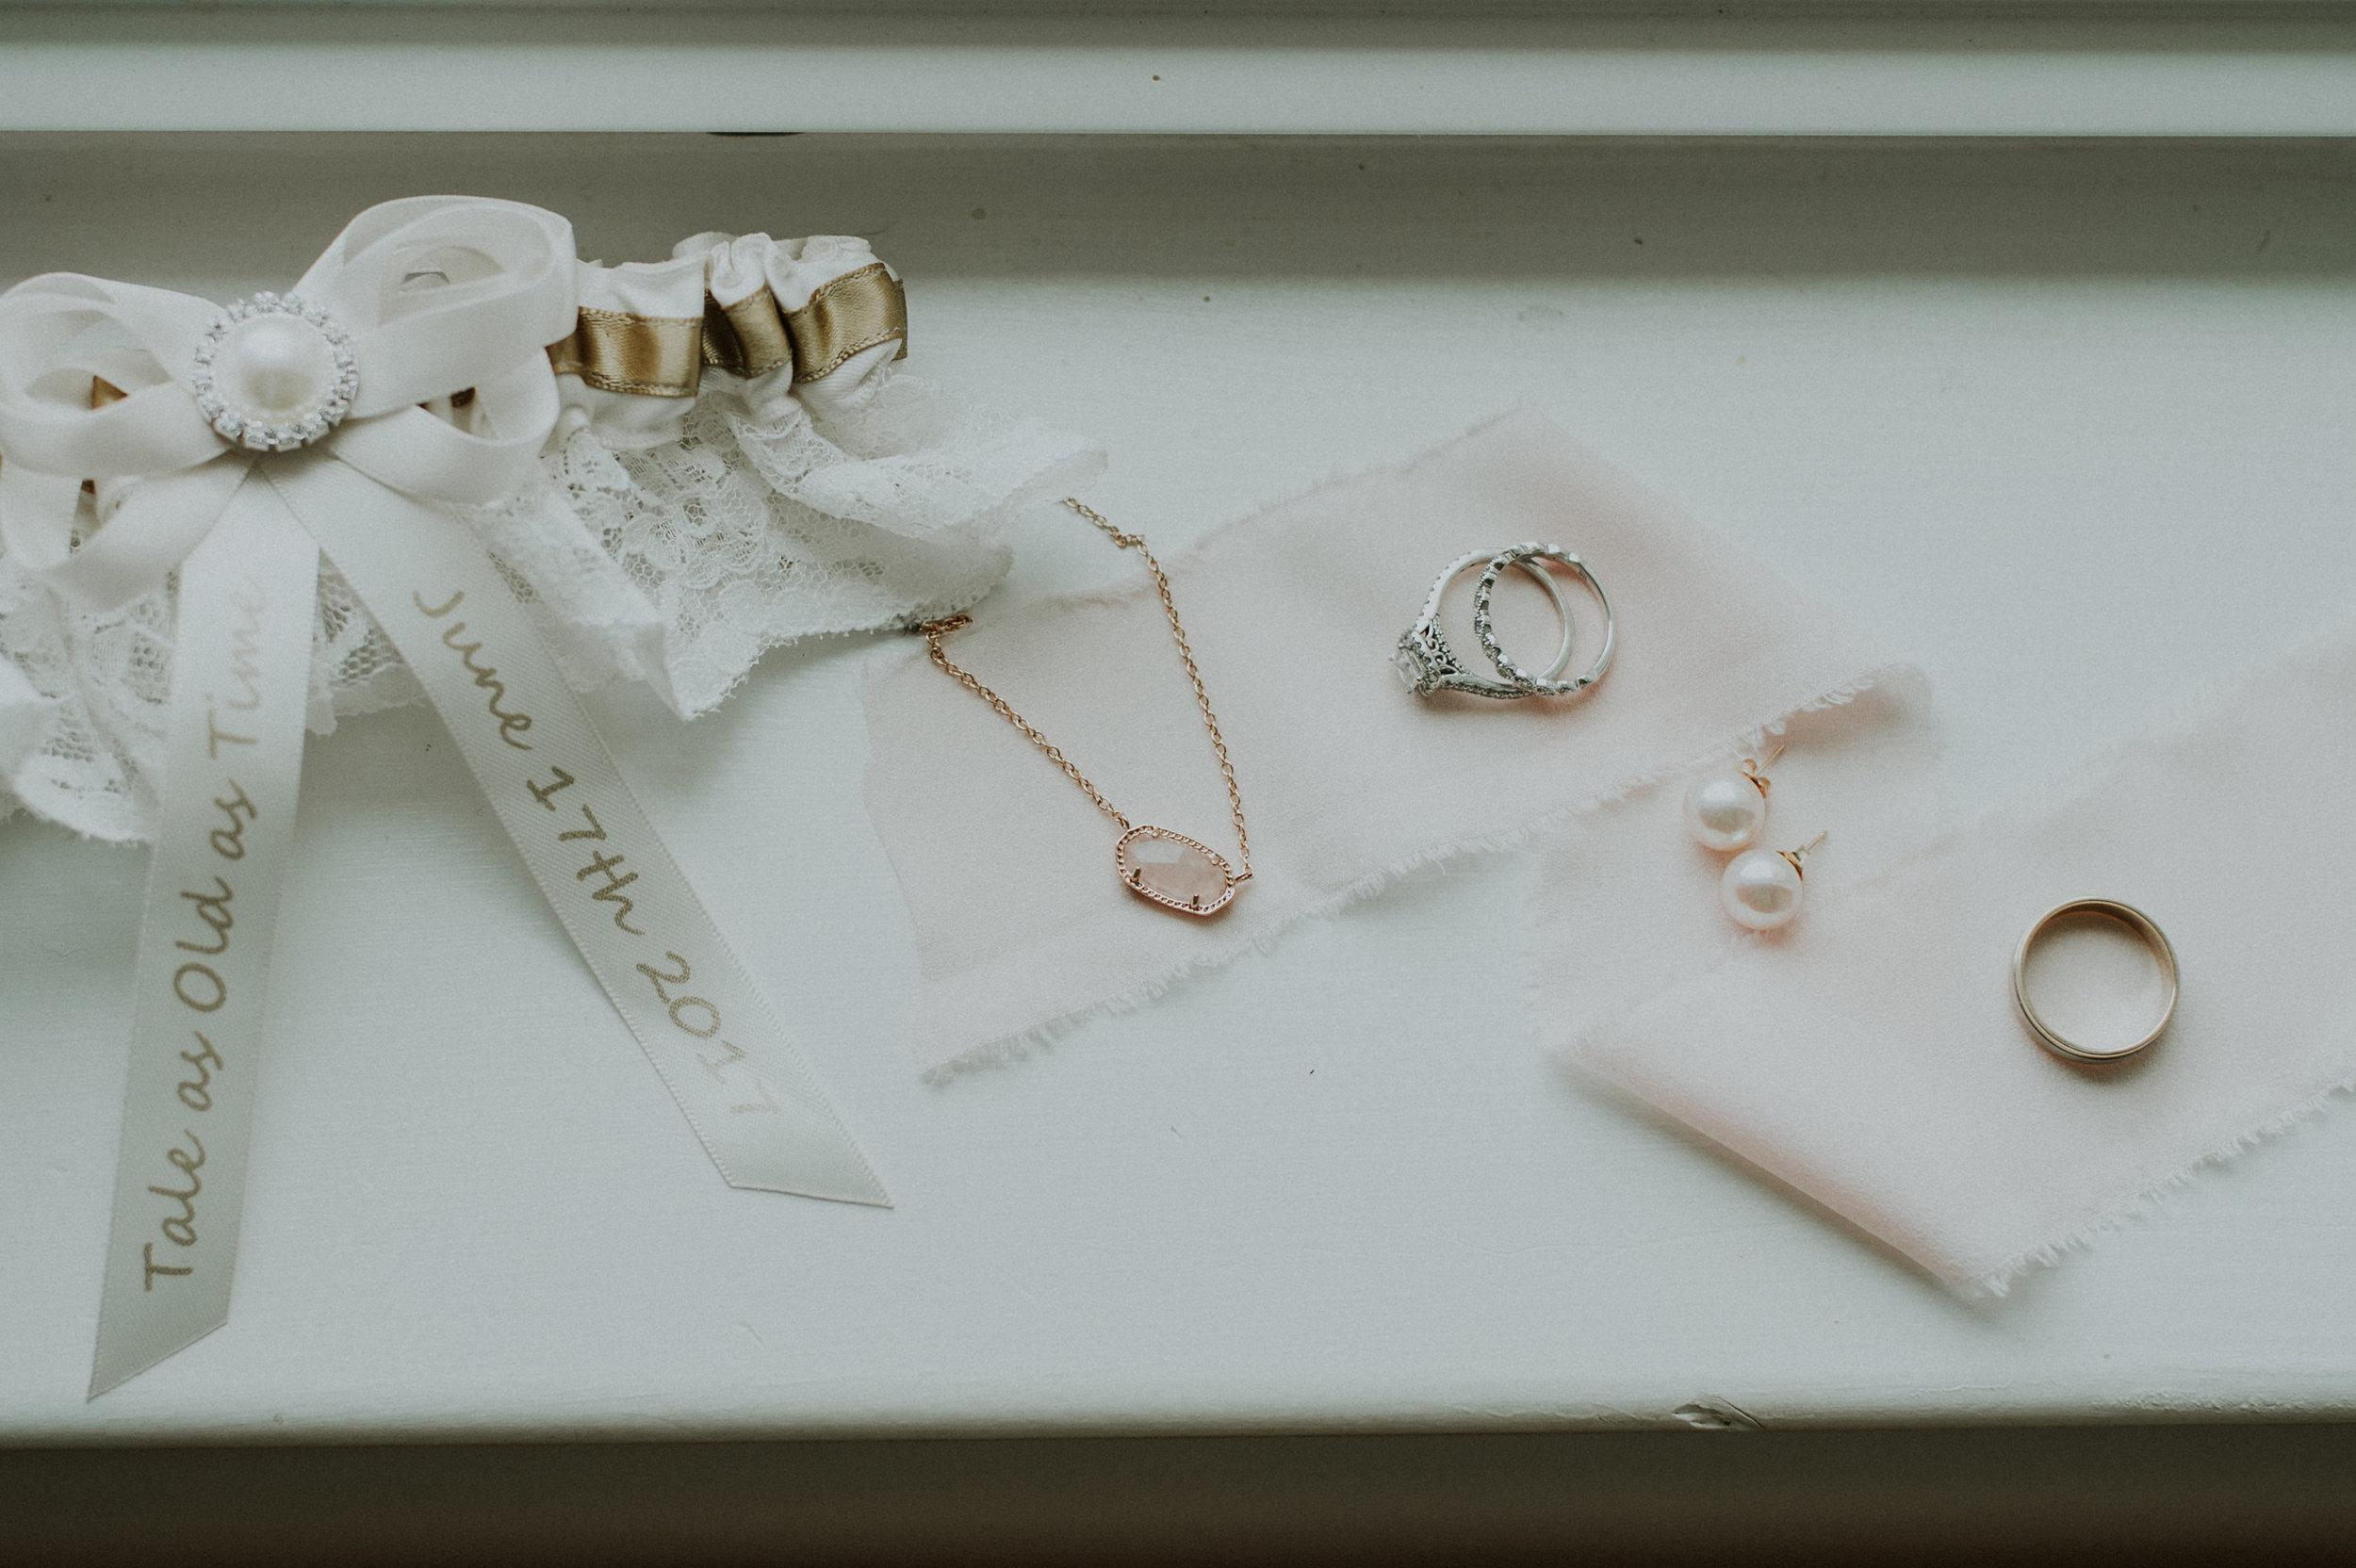 morais-wedding-virginia-wedding-planner-virginia-wedding-coordinator-leah-adkins-photography